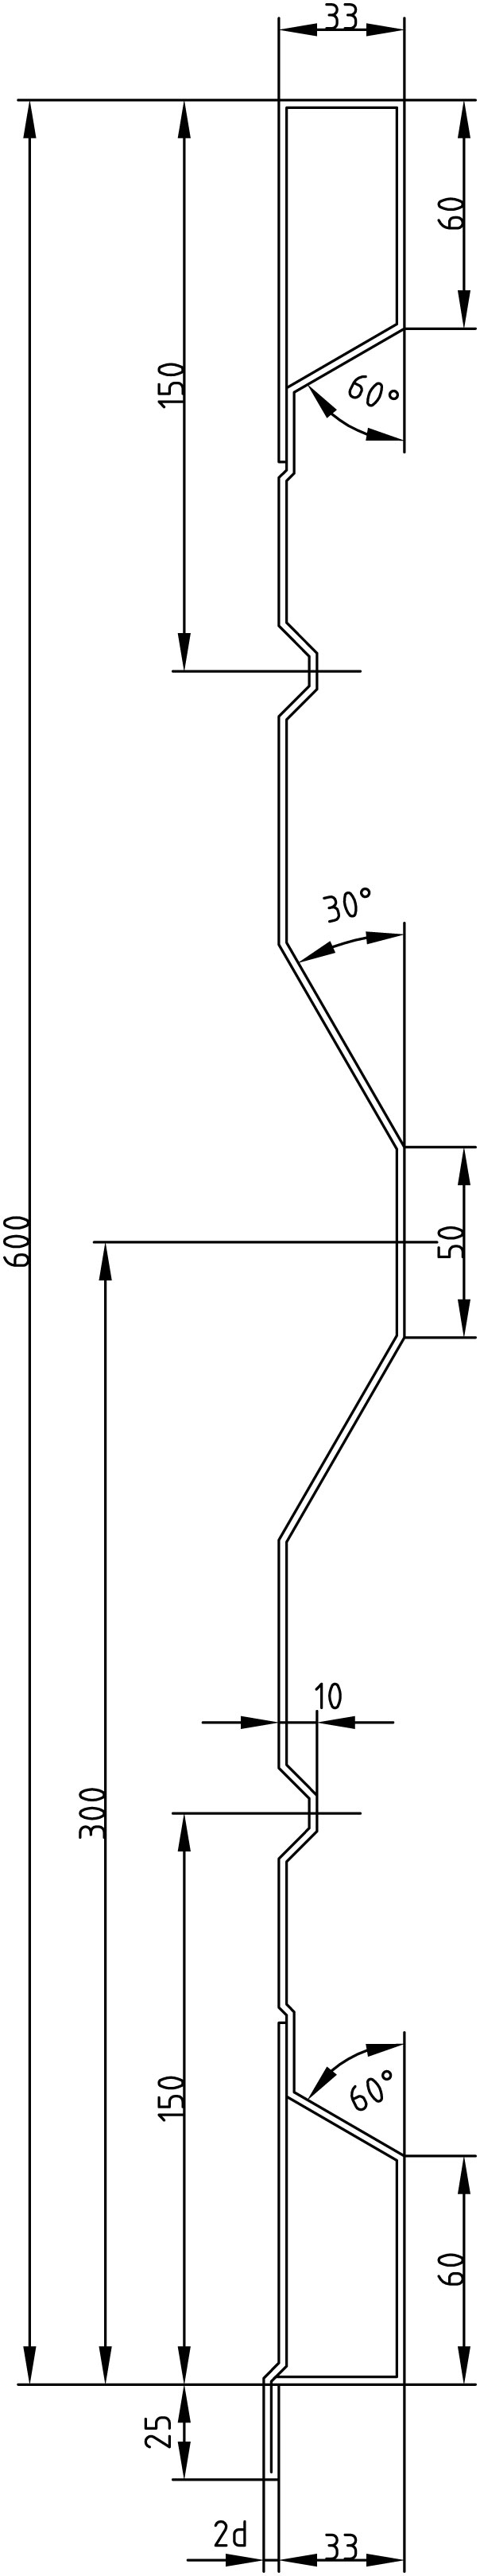 Brantner Kipper und Anhänger - AKmE HVAK 600x2 2238 Winkel 40/20/5